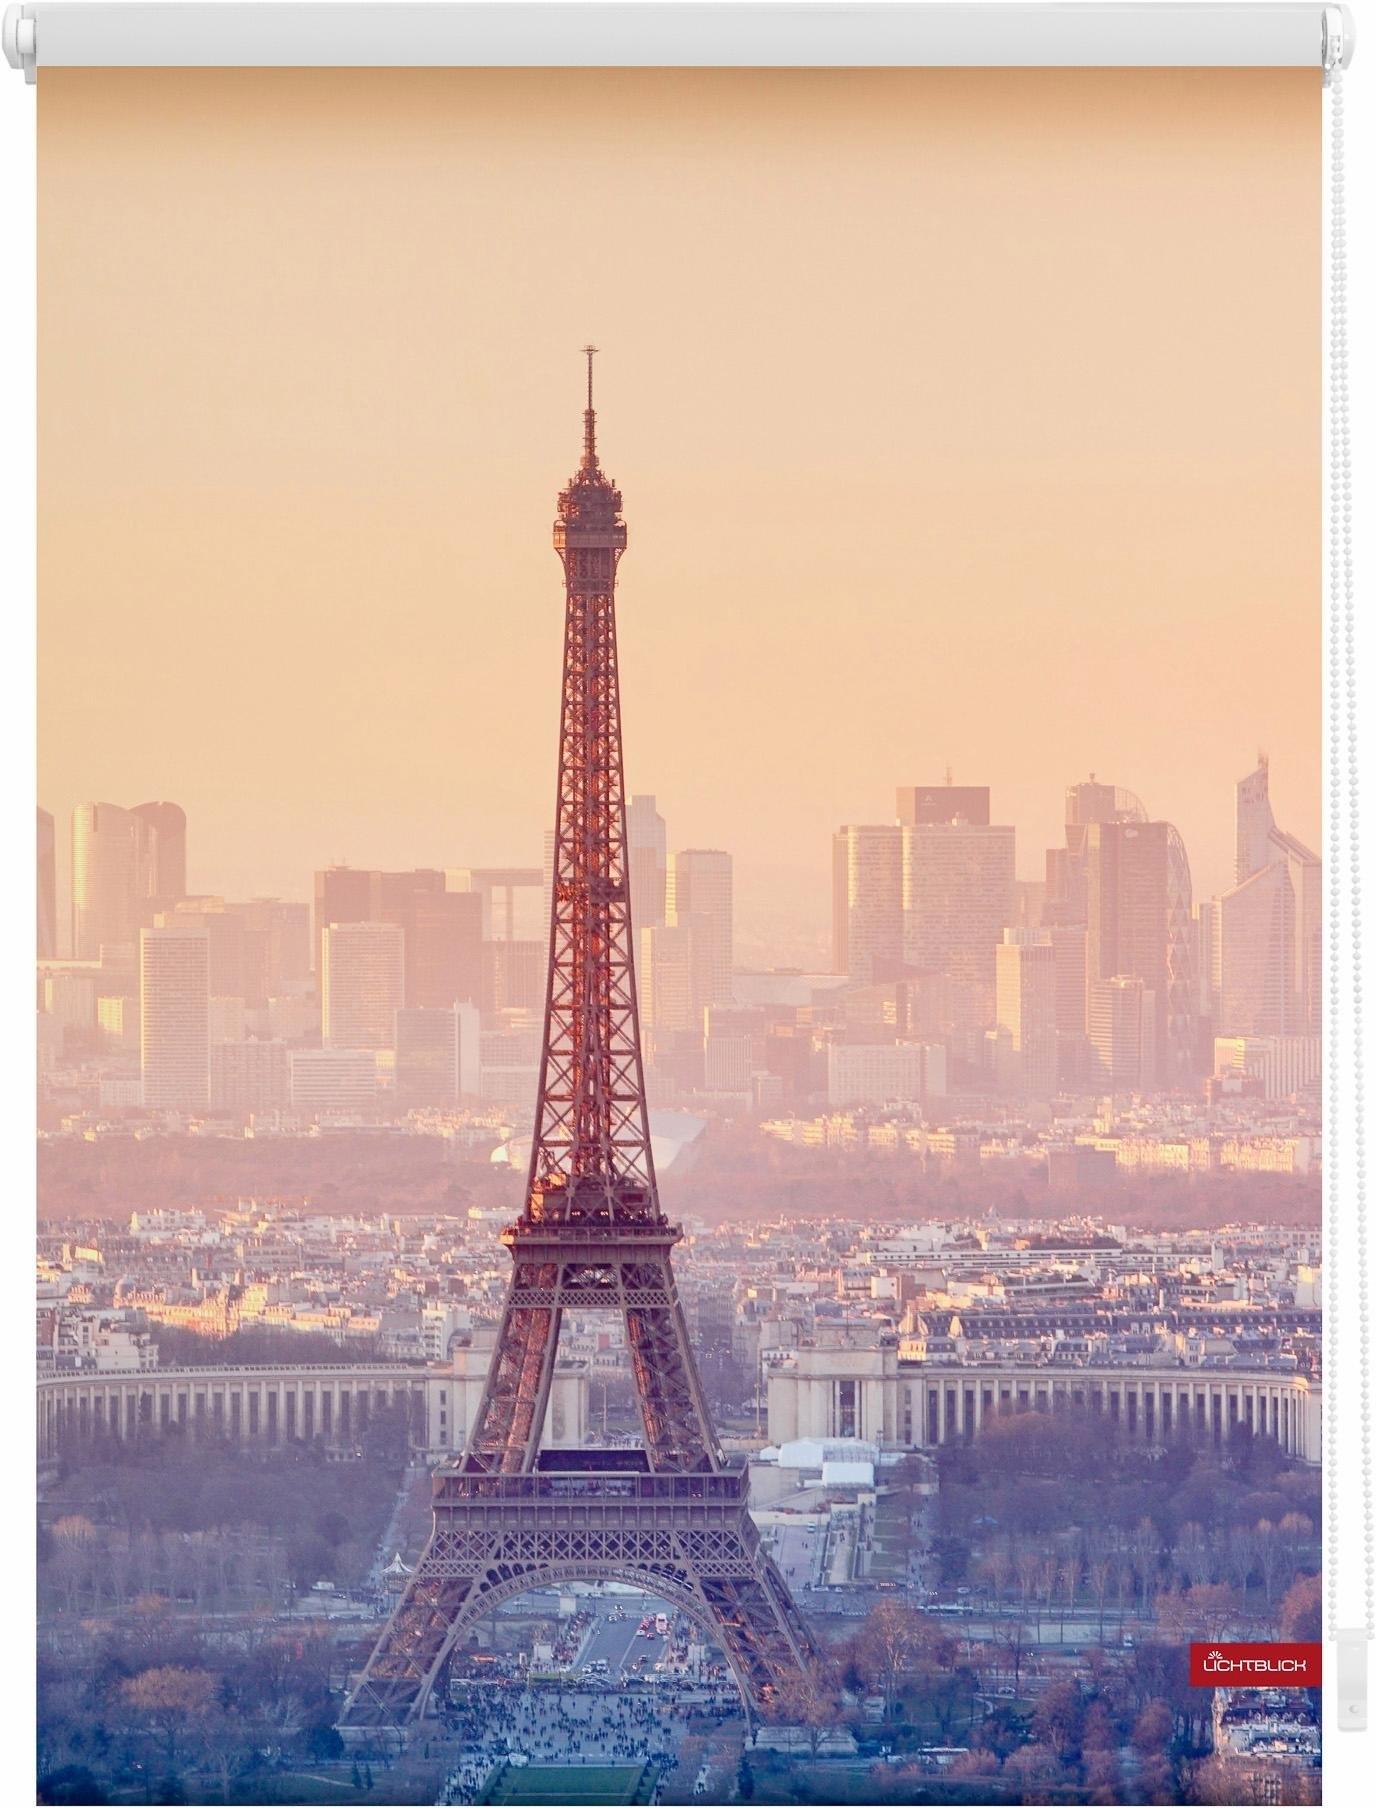 Lichtblick Rolgordijn met zijbediening, »Eiffeltoren«, Klemmfix, kettingbediening, lichtwerend goedkoop op otto.nl kopen